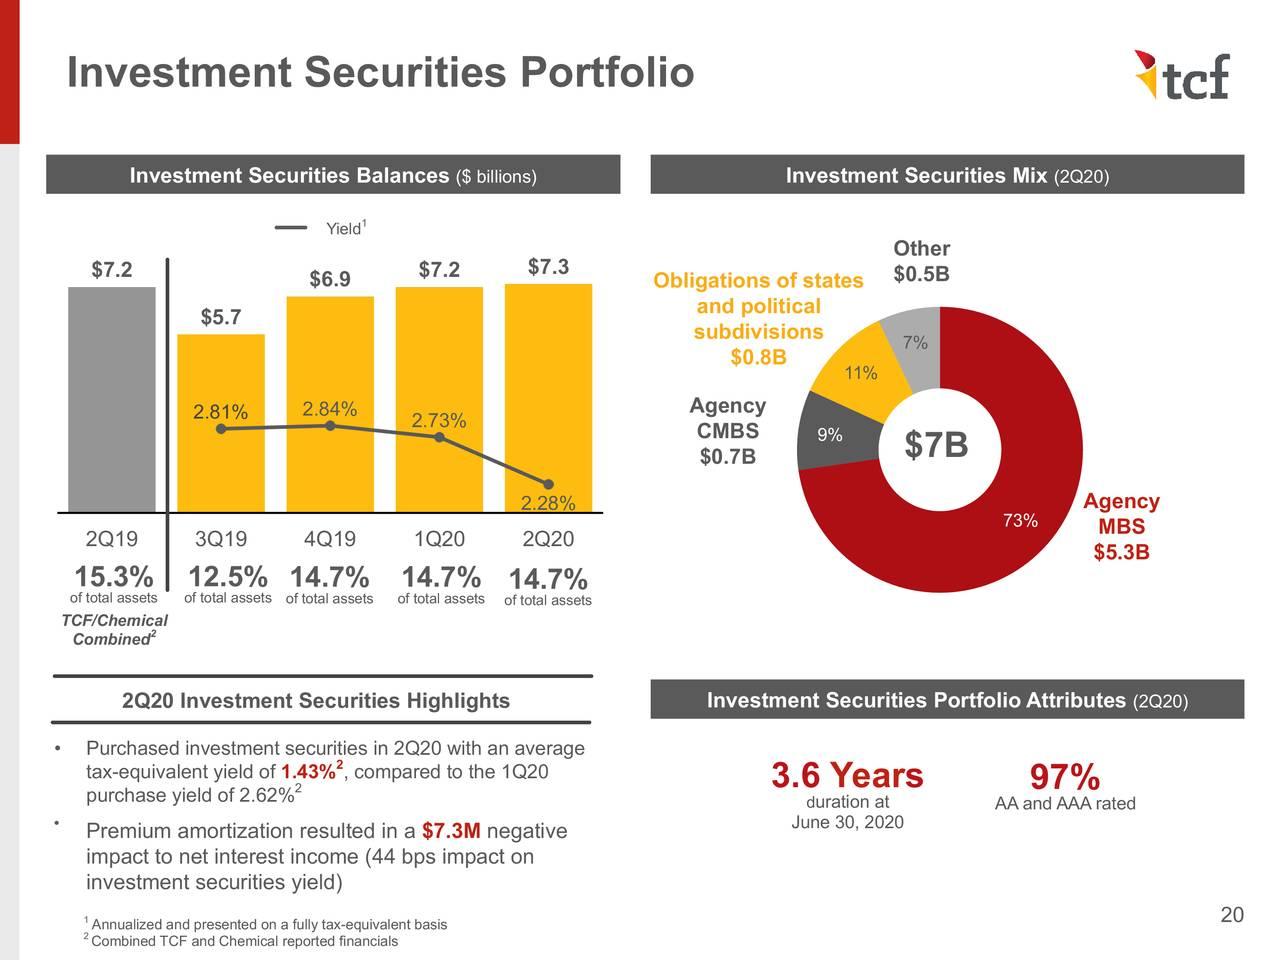 Cartera de valores de inversión